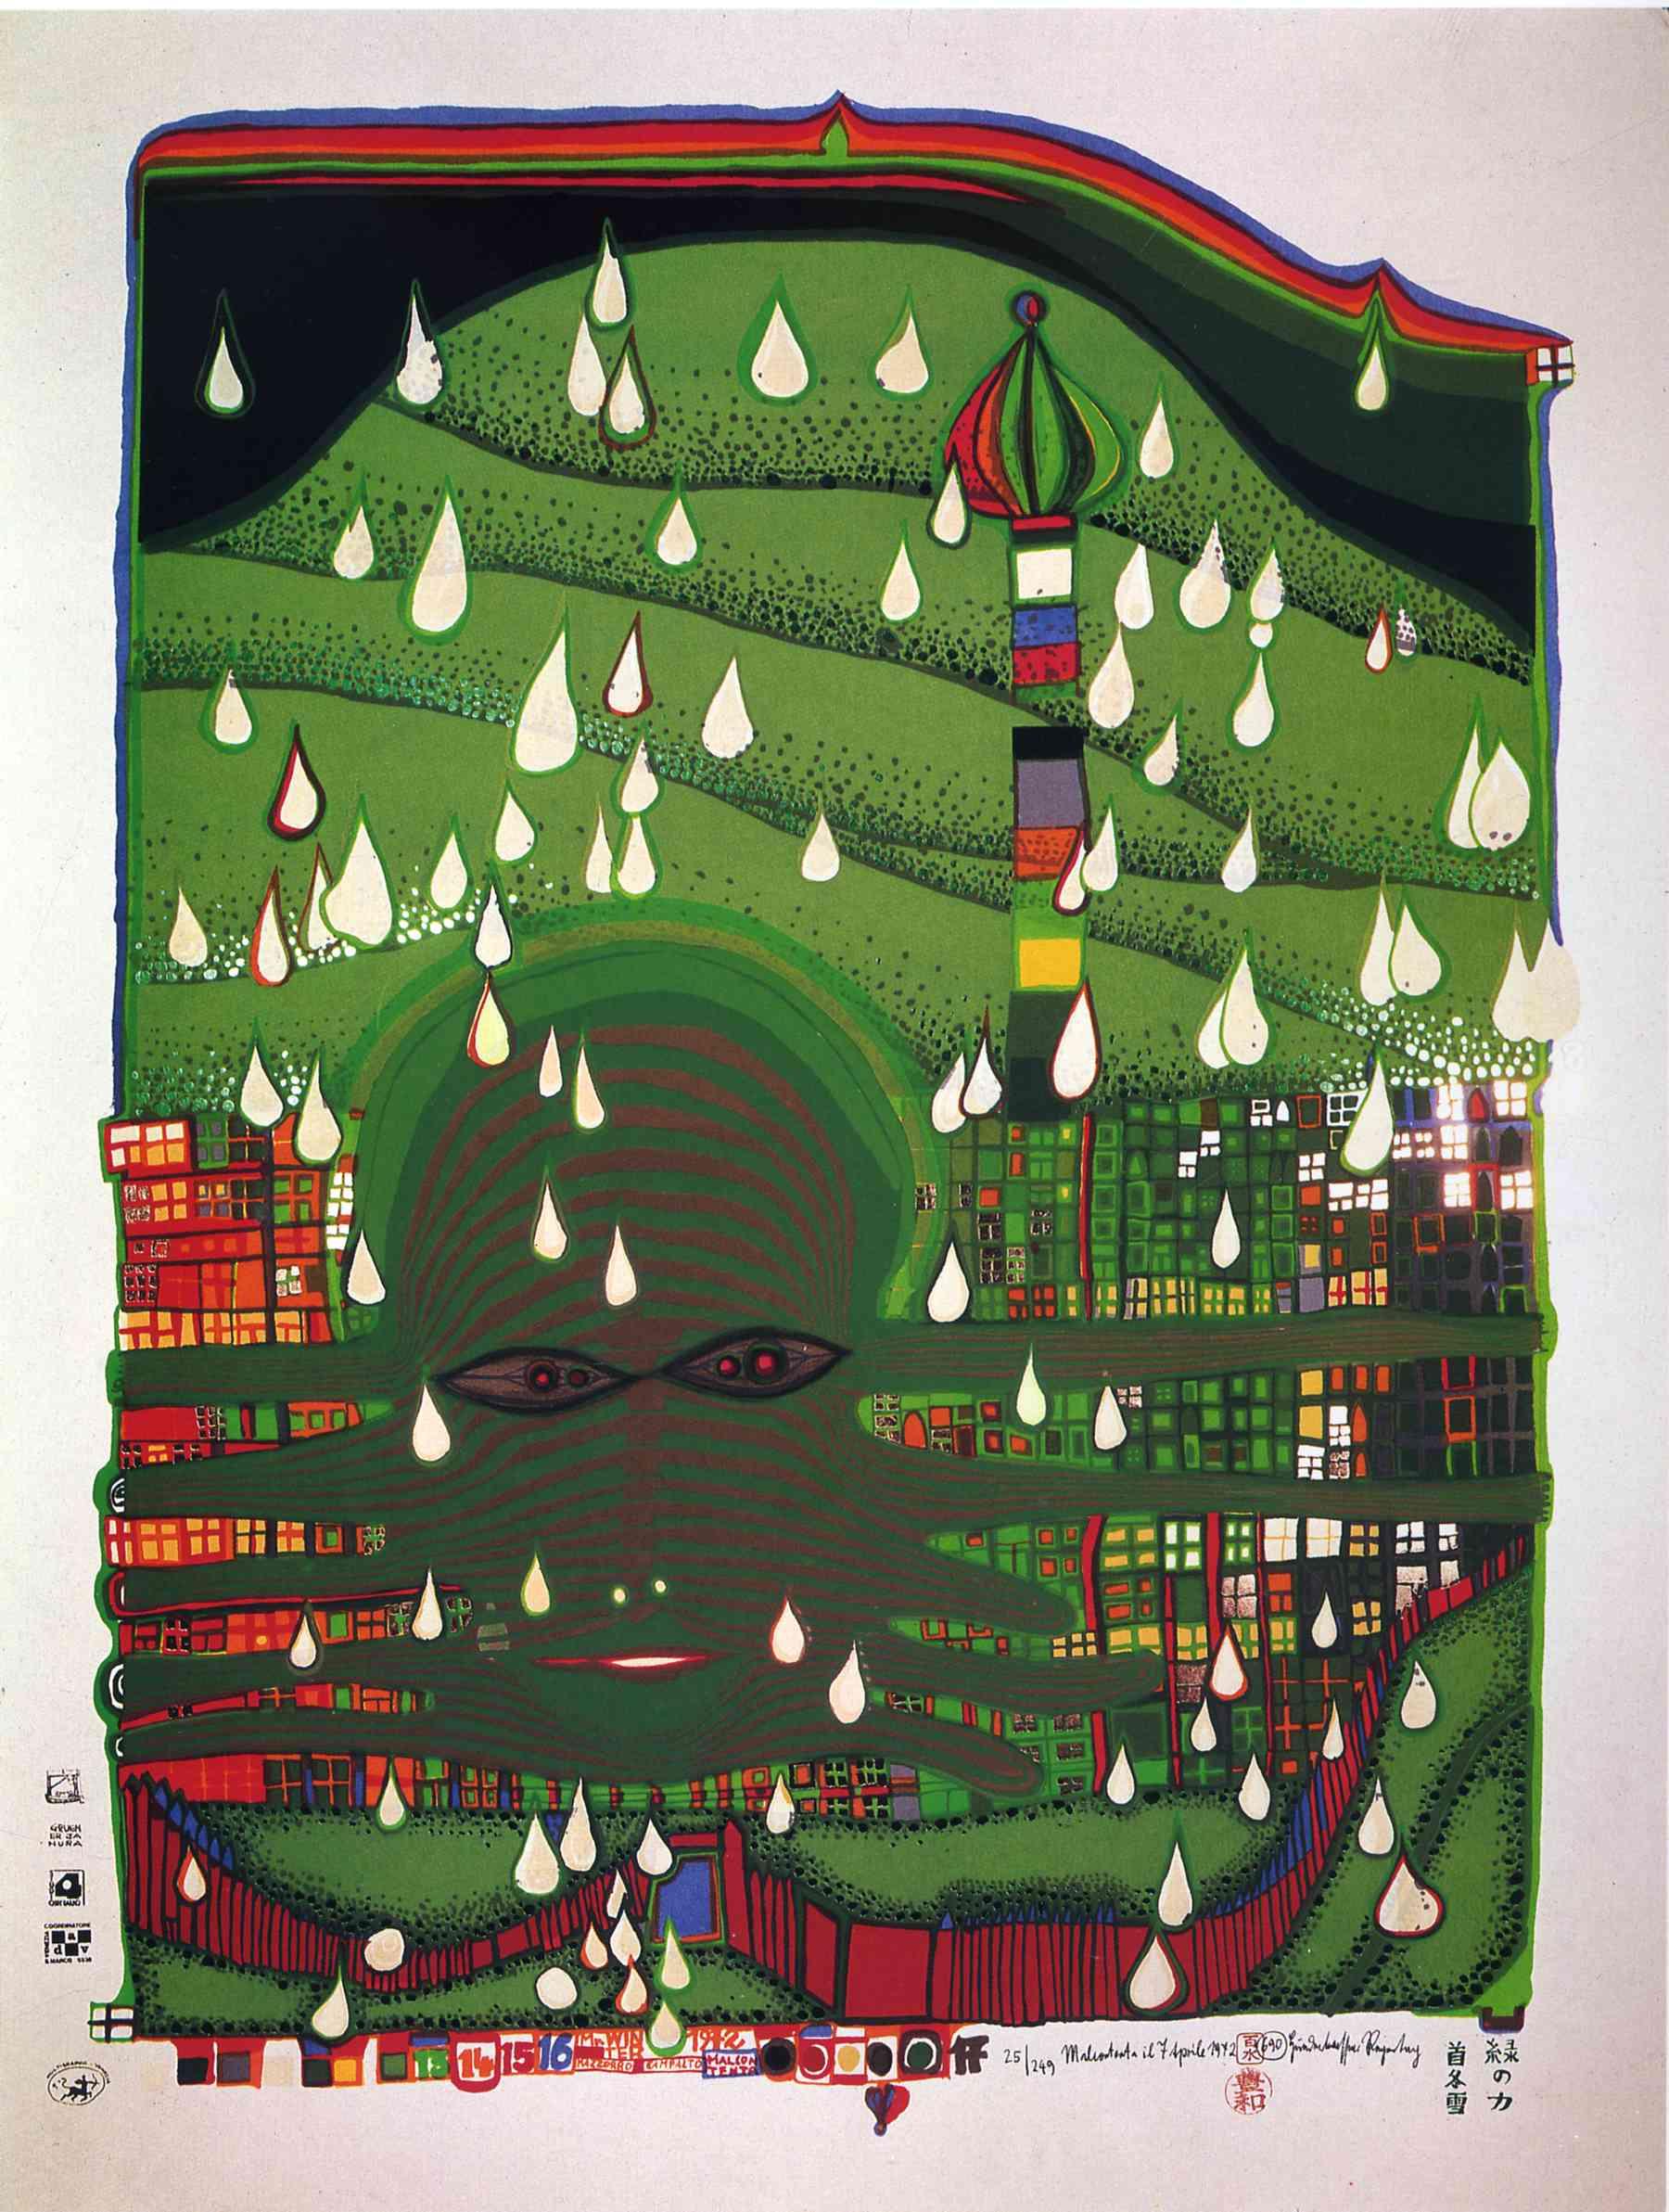 Friedensreich Hundertwasser December 15 1928 February 19 2000